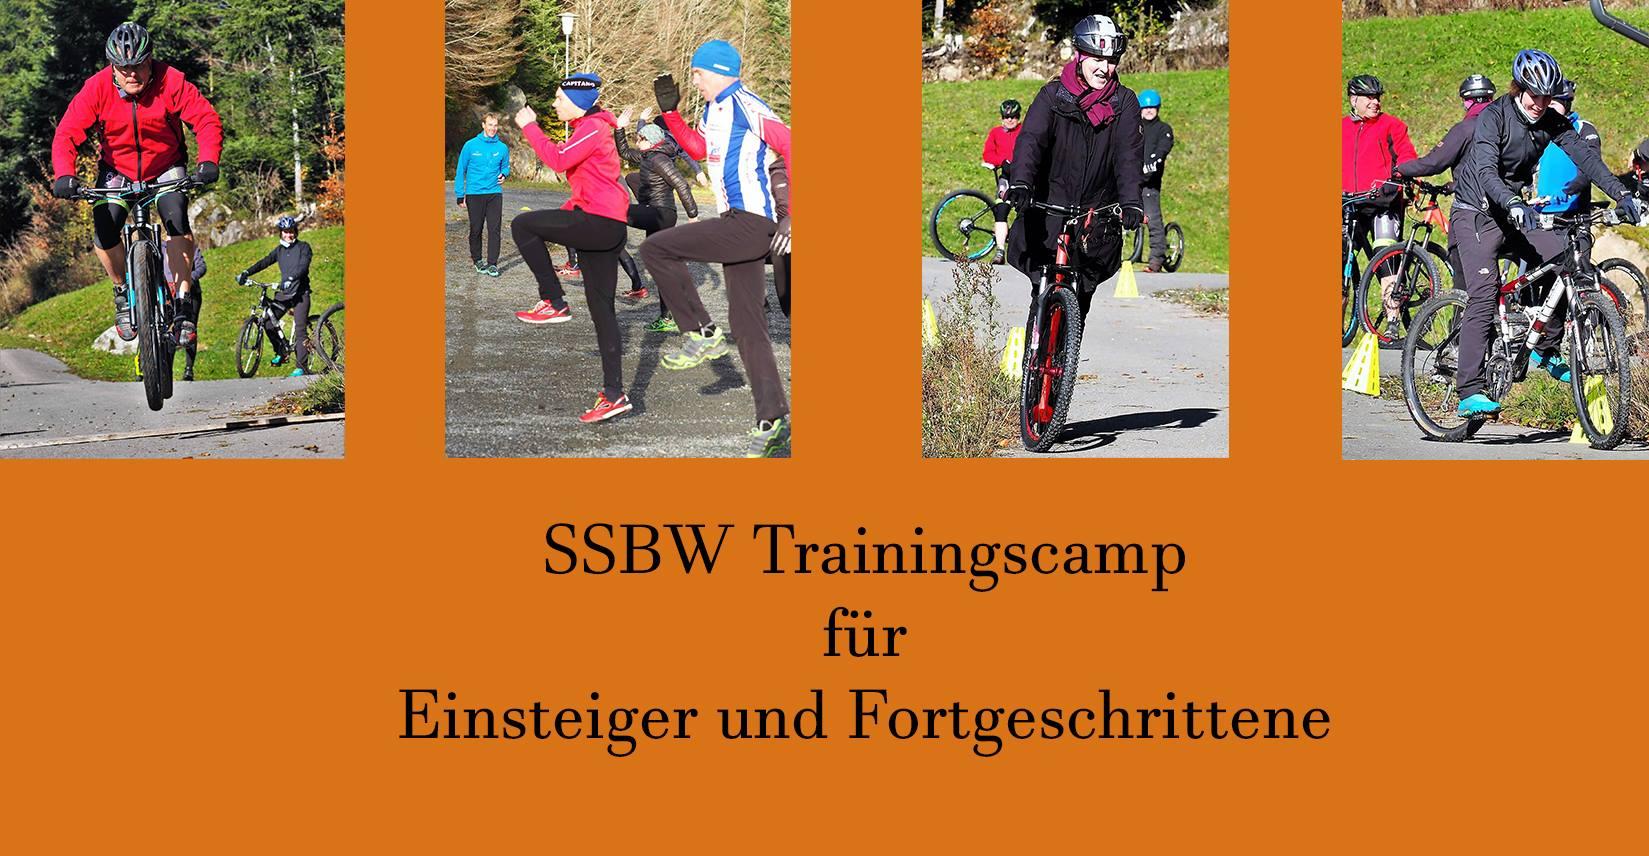 SSBW_Trainingscamp_10-2018_Alex_-1.jpg